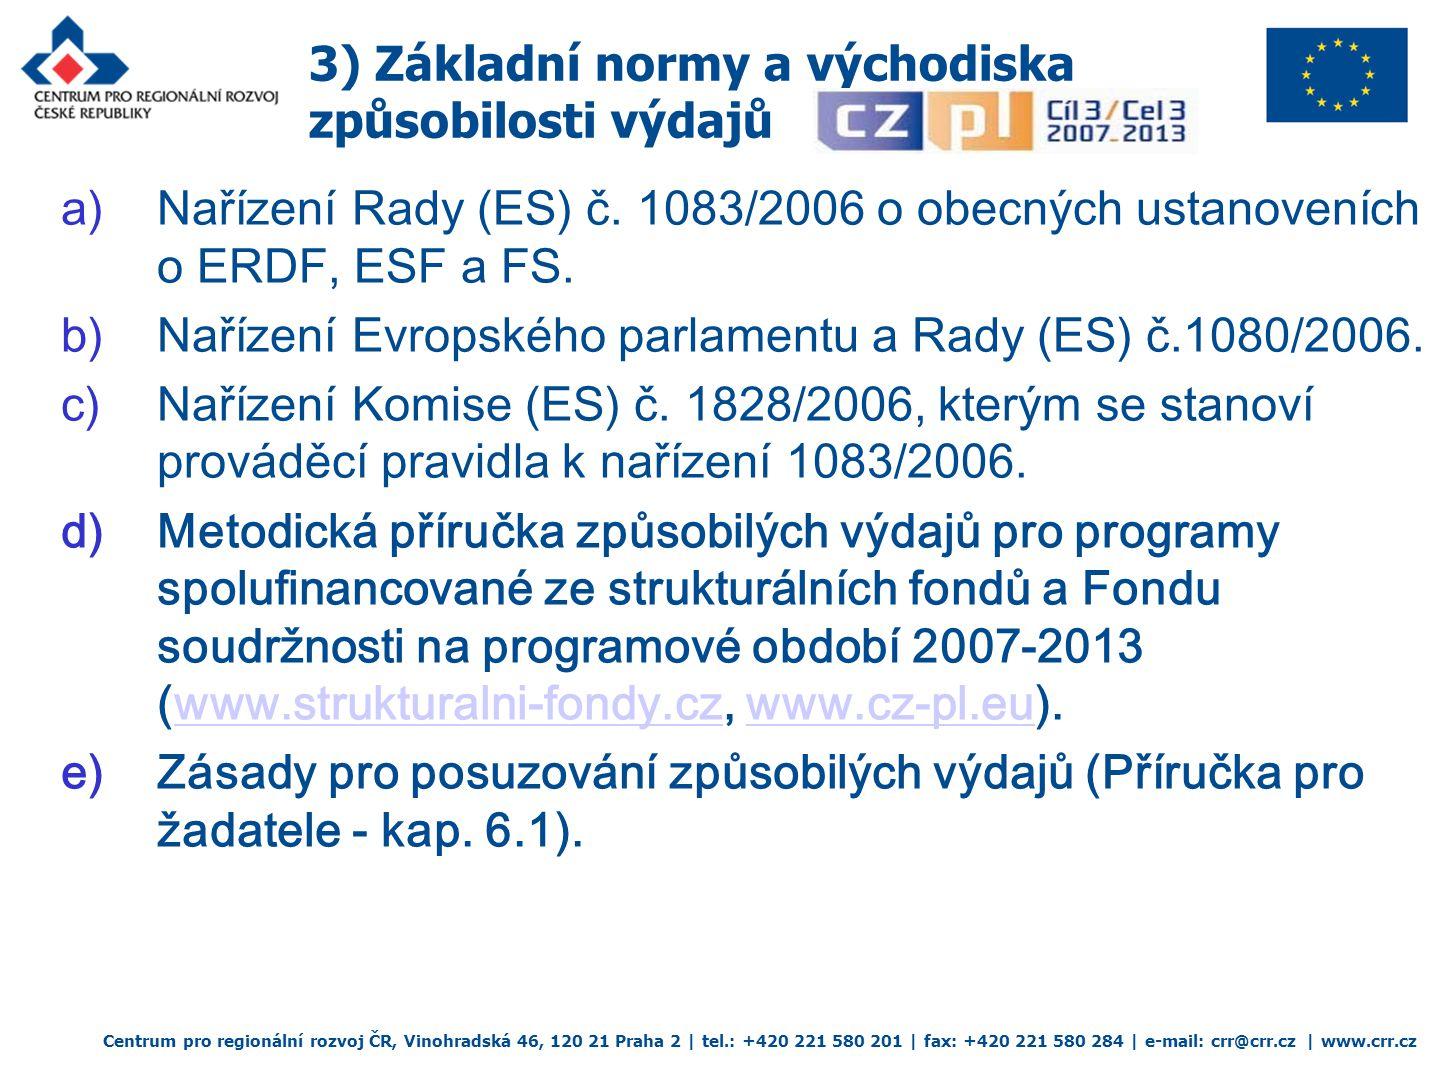 Centrum pro regionální rozvoj ČR, Vinohradská 46, 120 21 Praha 2 | tel.: +420 221 580 201 | fax: +420 221 580 284 | e-mail: crr@crr.cz | www.crr.cz  Příručka pro žadatele– základní dokument (výčet nezpůsobilých výdajů)  Metodická příručka způsobilých výdajů – podpůrný dokument sloužící pro výklad jednotlivých výdajů a jejich dokladování.